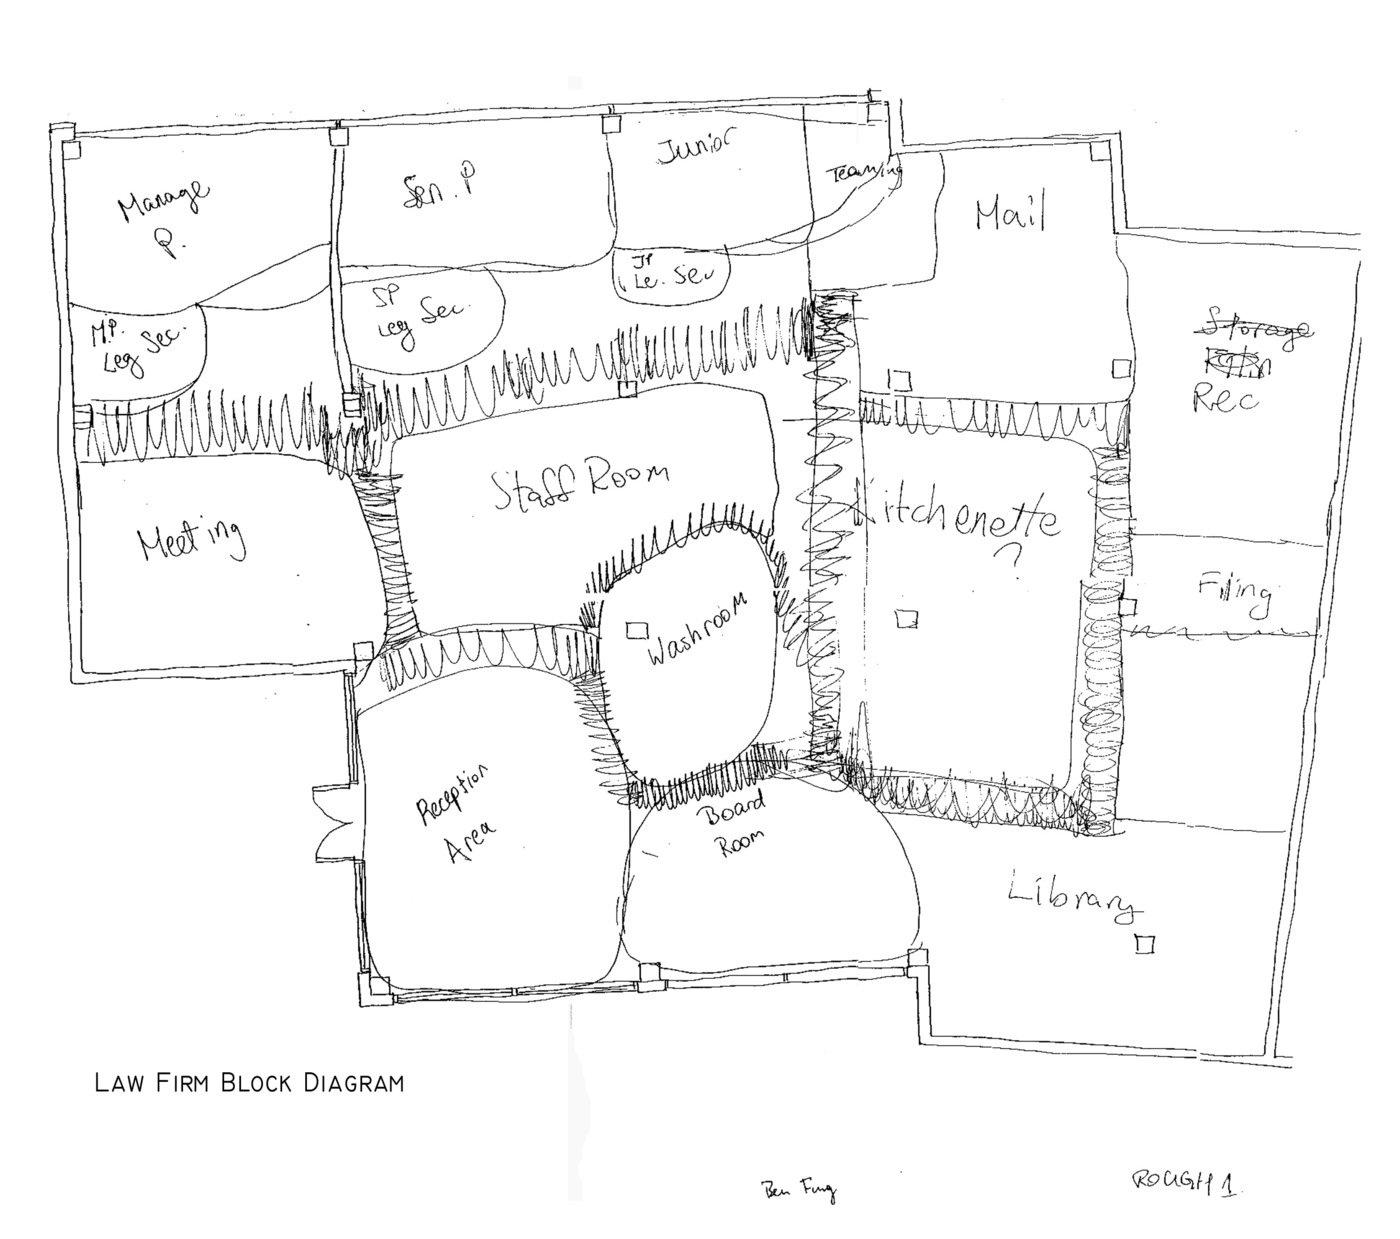 interior design by cho wai ben fung at coroflot com rh coroflot com Copper Minerals Processing Plant Flow Block Diagram Sample Block Diagram